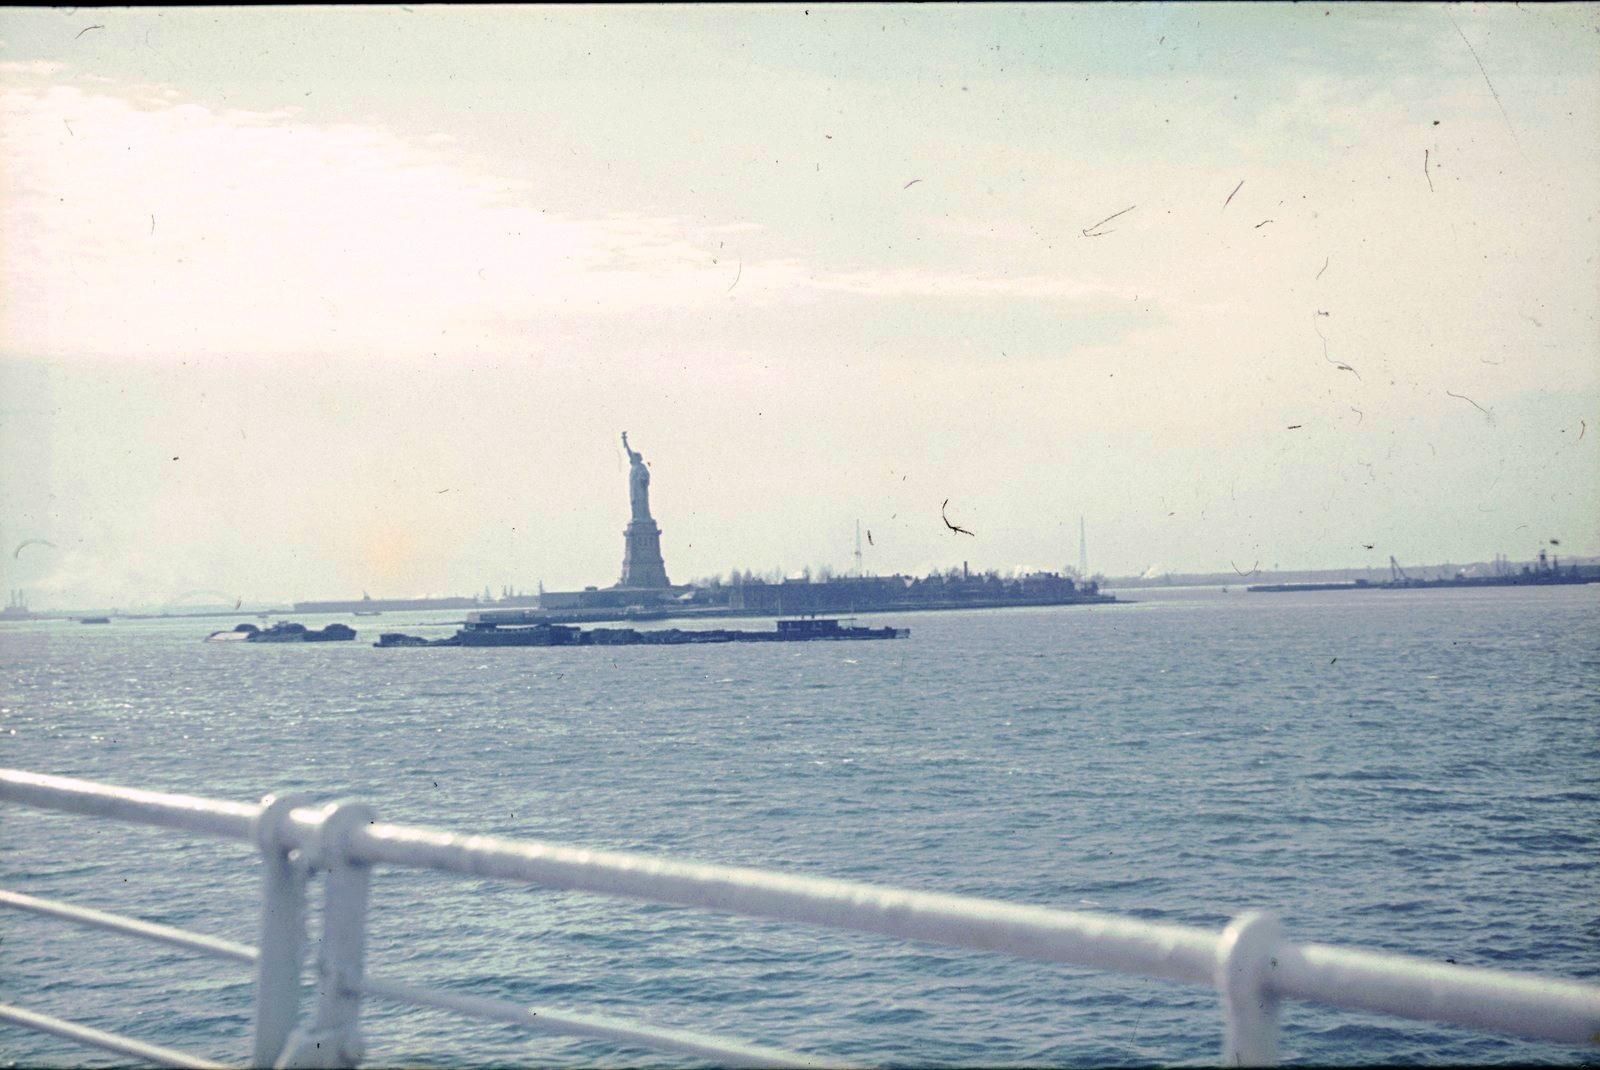 Нью-Йорк. Вид с корабля на Статую Свободы